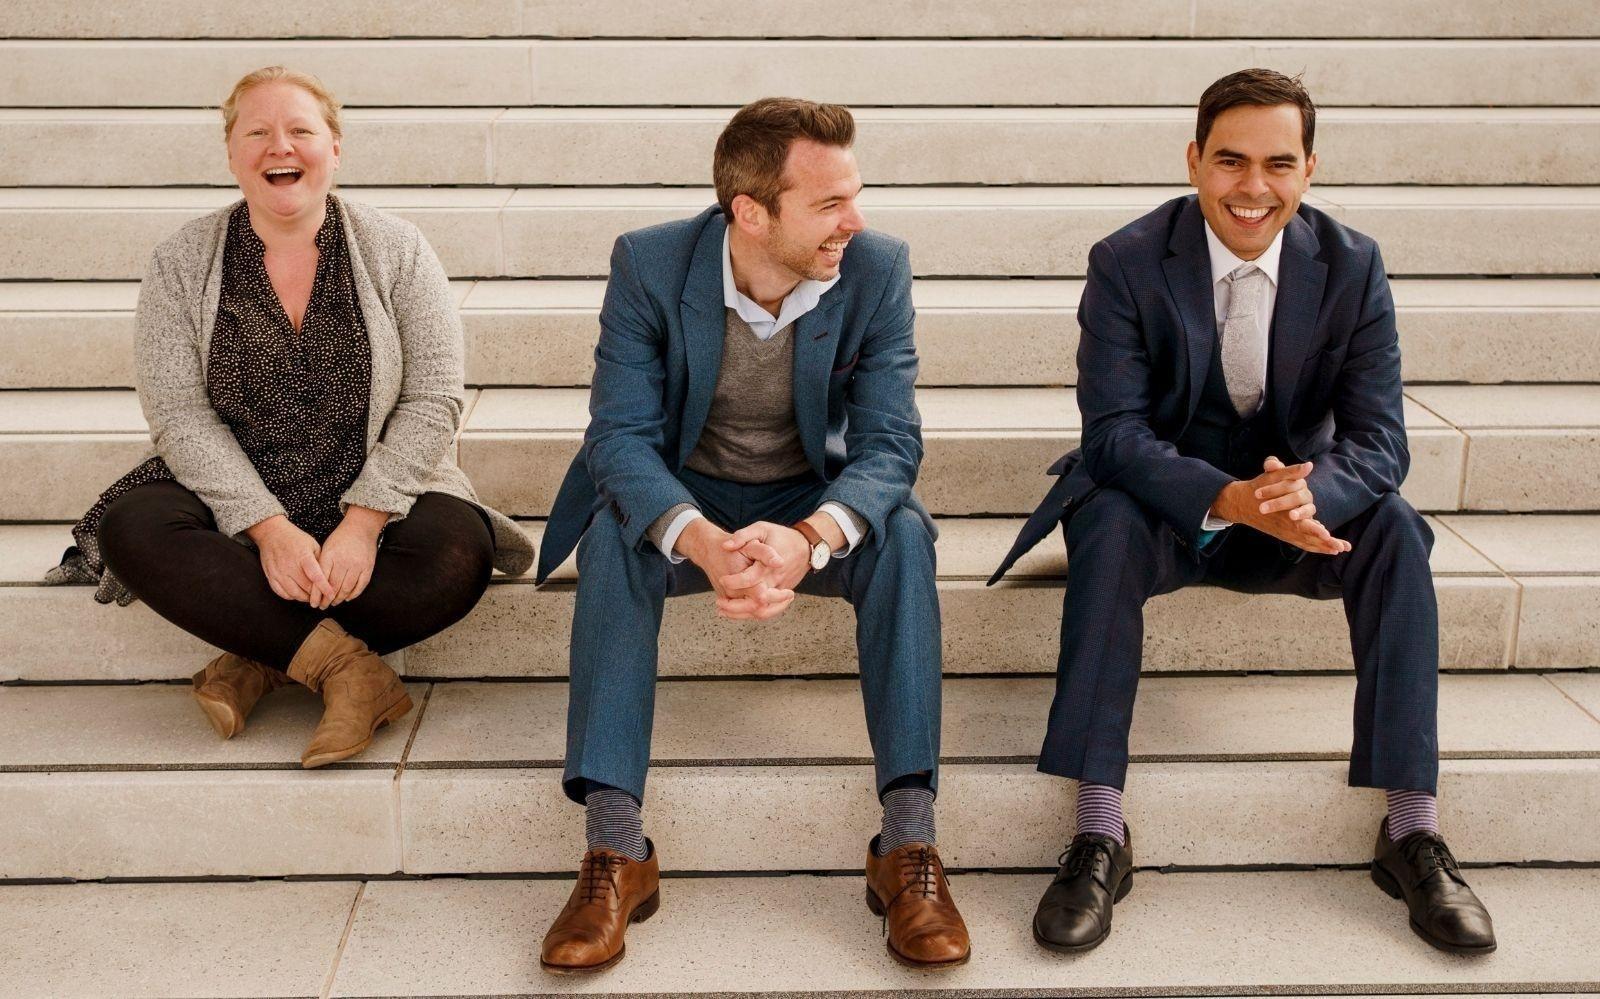 EdPsychEd Team (Dr Jenny Dutton, Dr Richard Skelton, Dr Lee Randall)